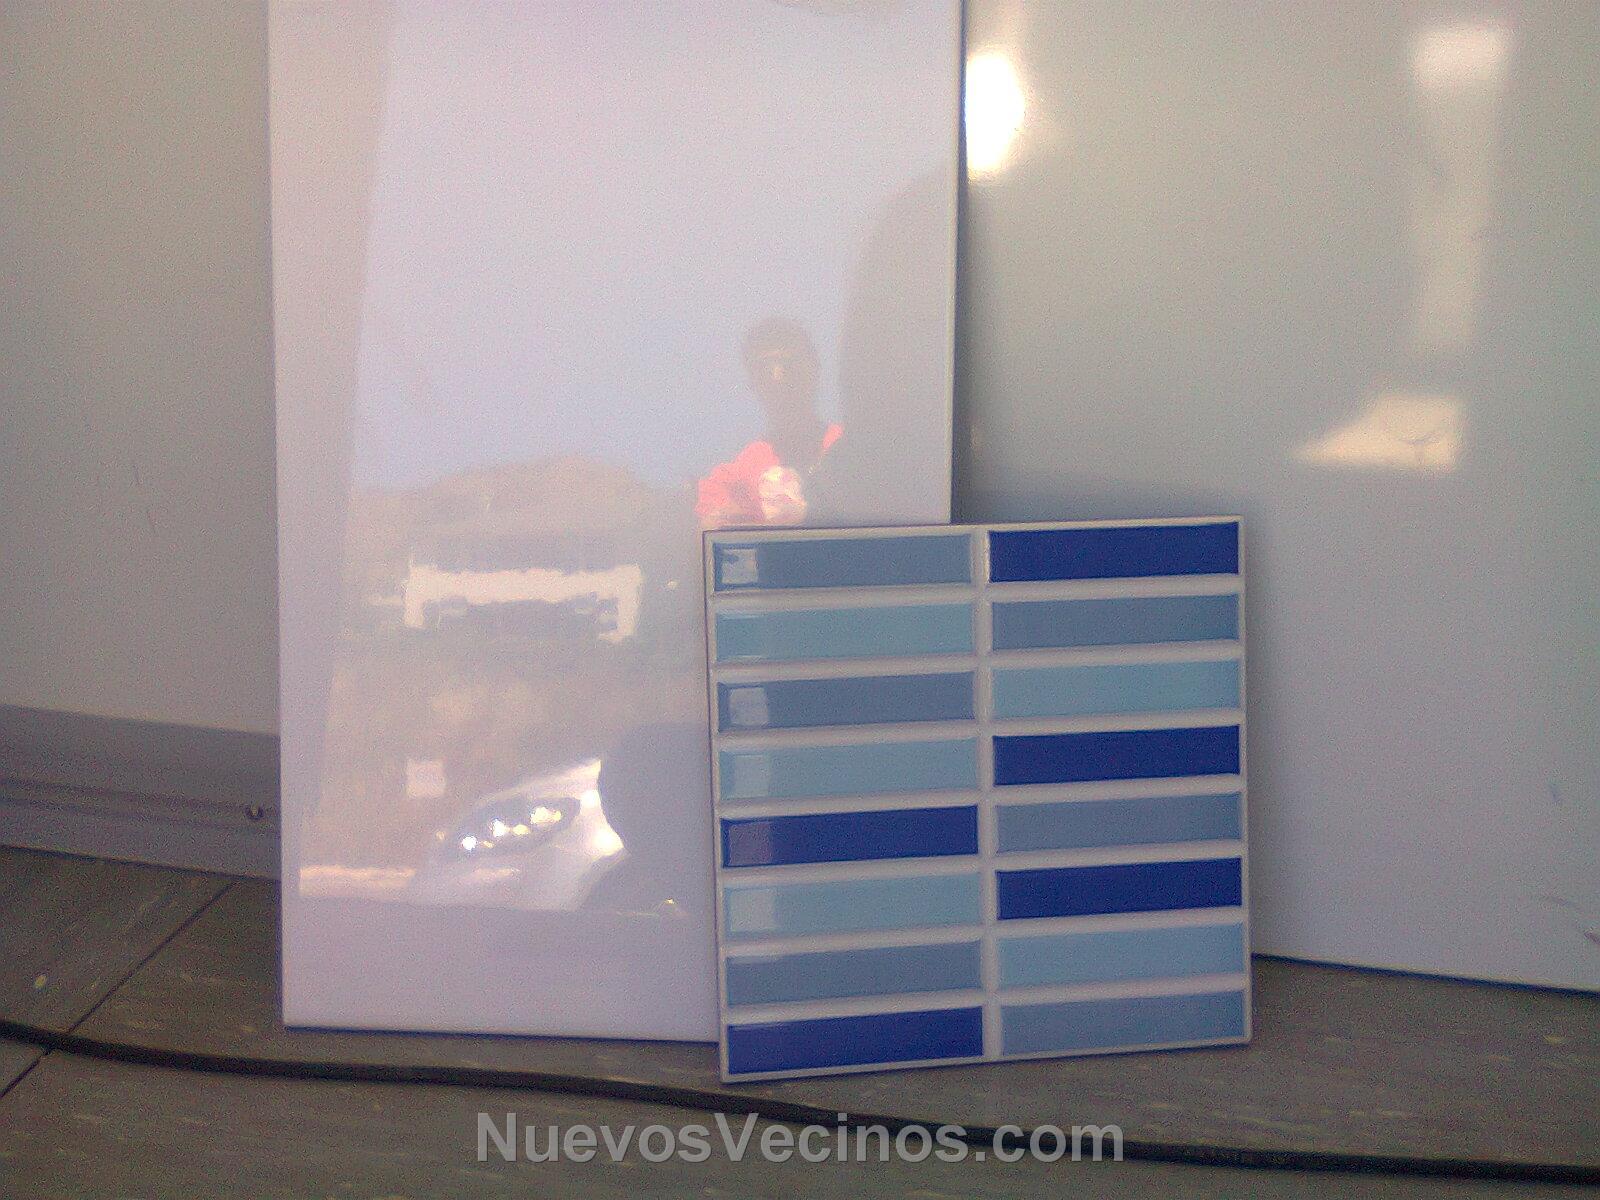 El Pedroso - Fotos - Azulejos cocina y baño - NuevosVecinos.com